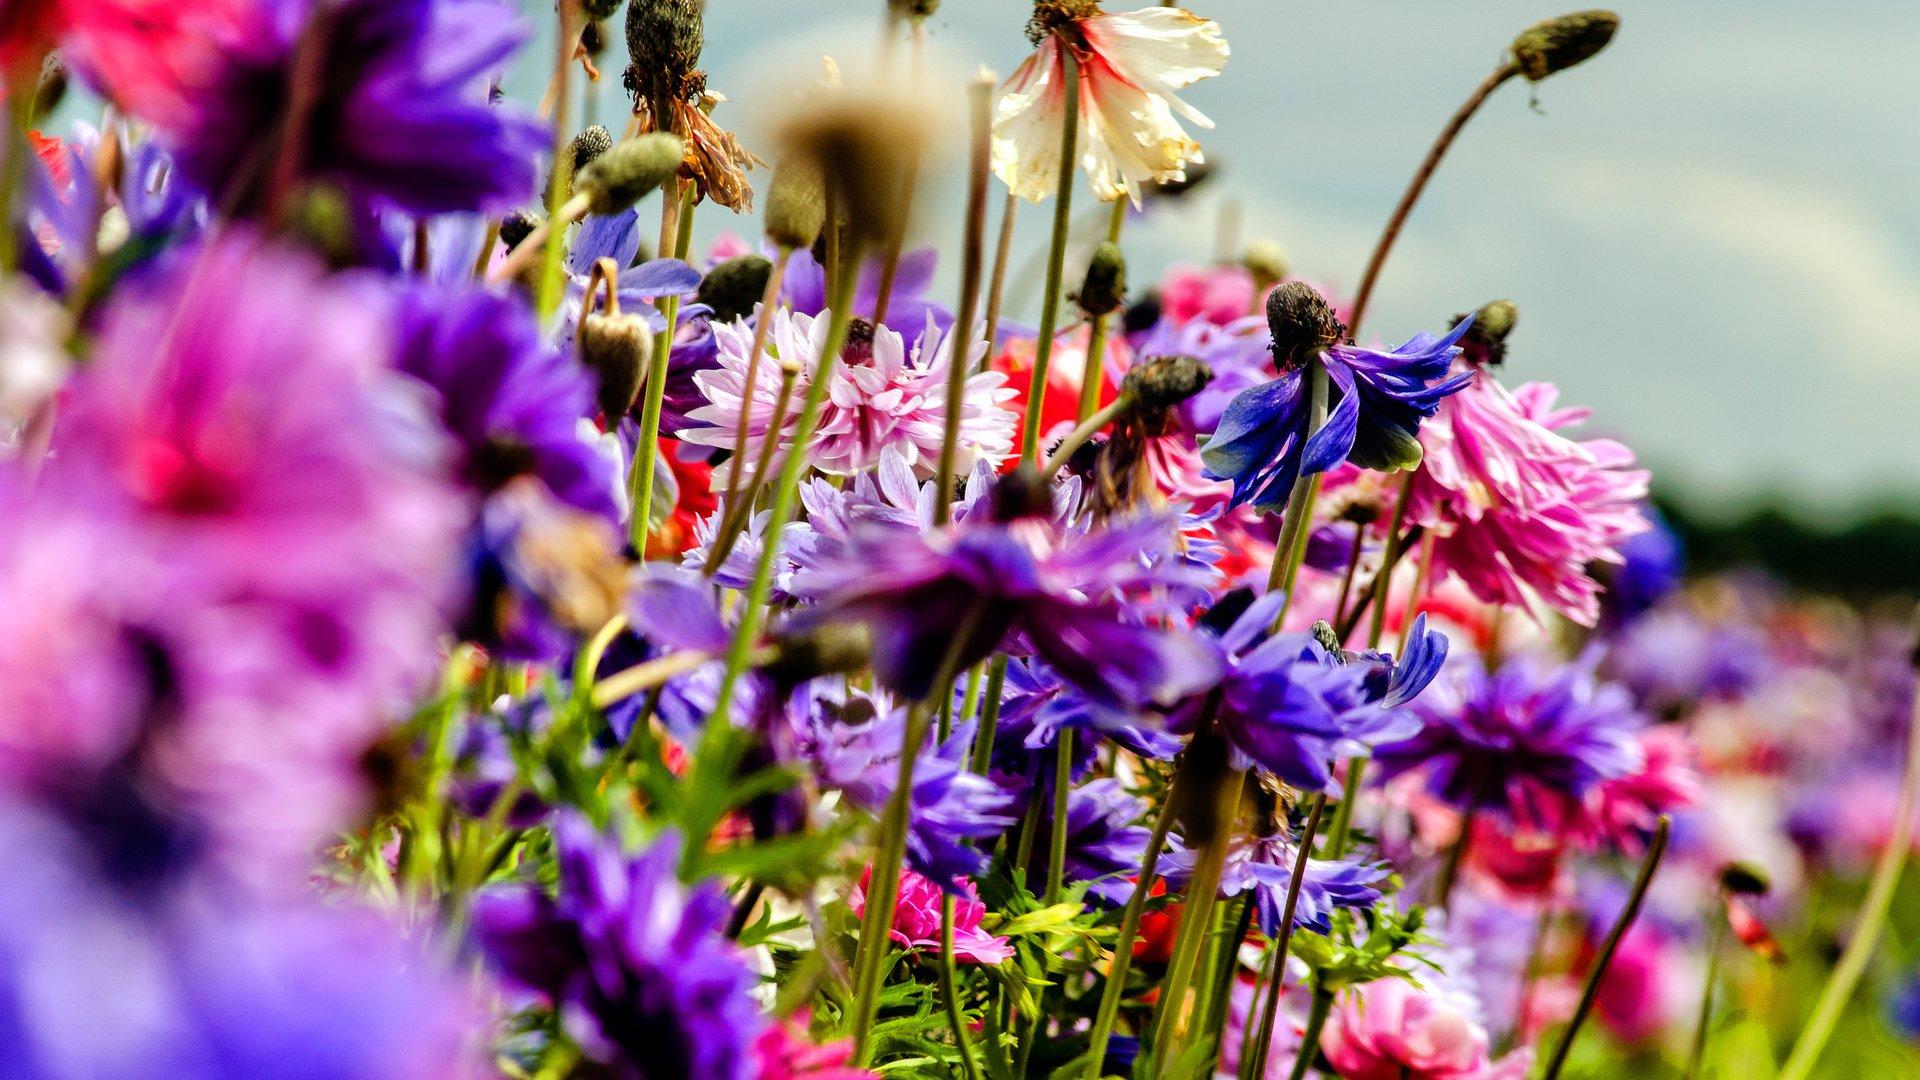 летние работы с комнатными растениями и садовыми цветами фото